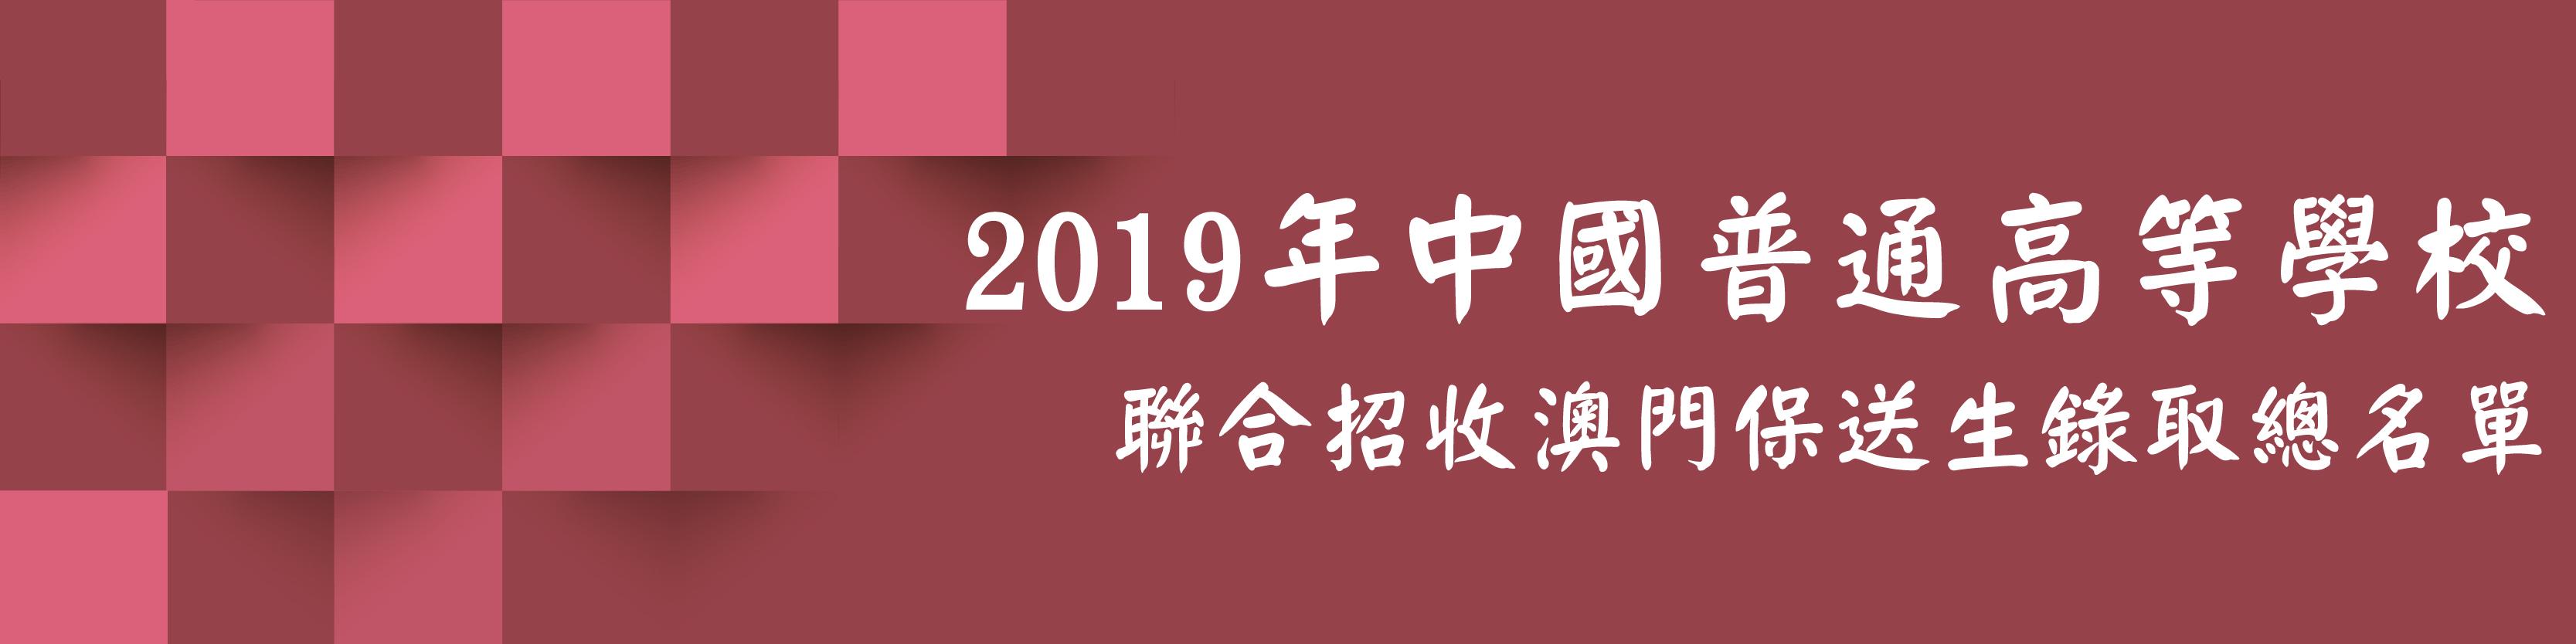 2019年中國普通高等學校聯合招收澳門保送生 – 錄取總名單